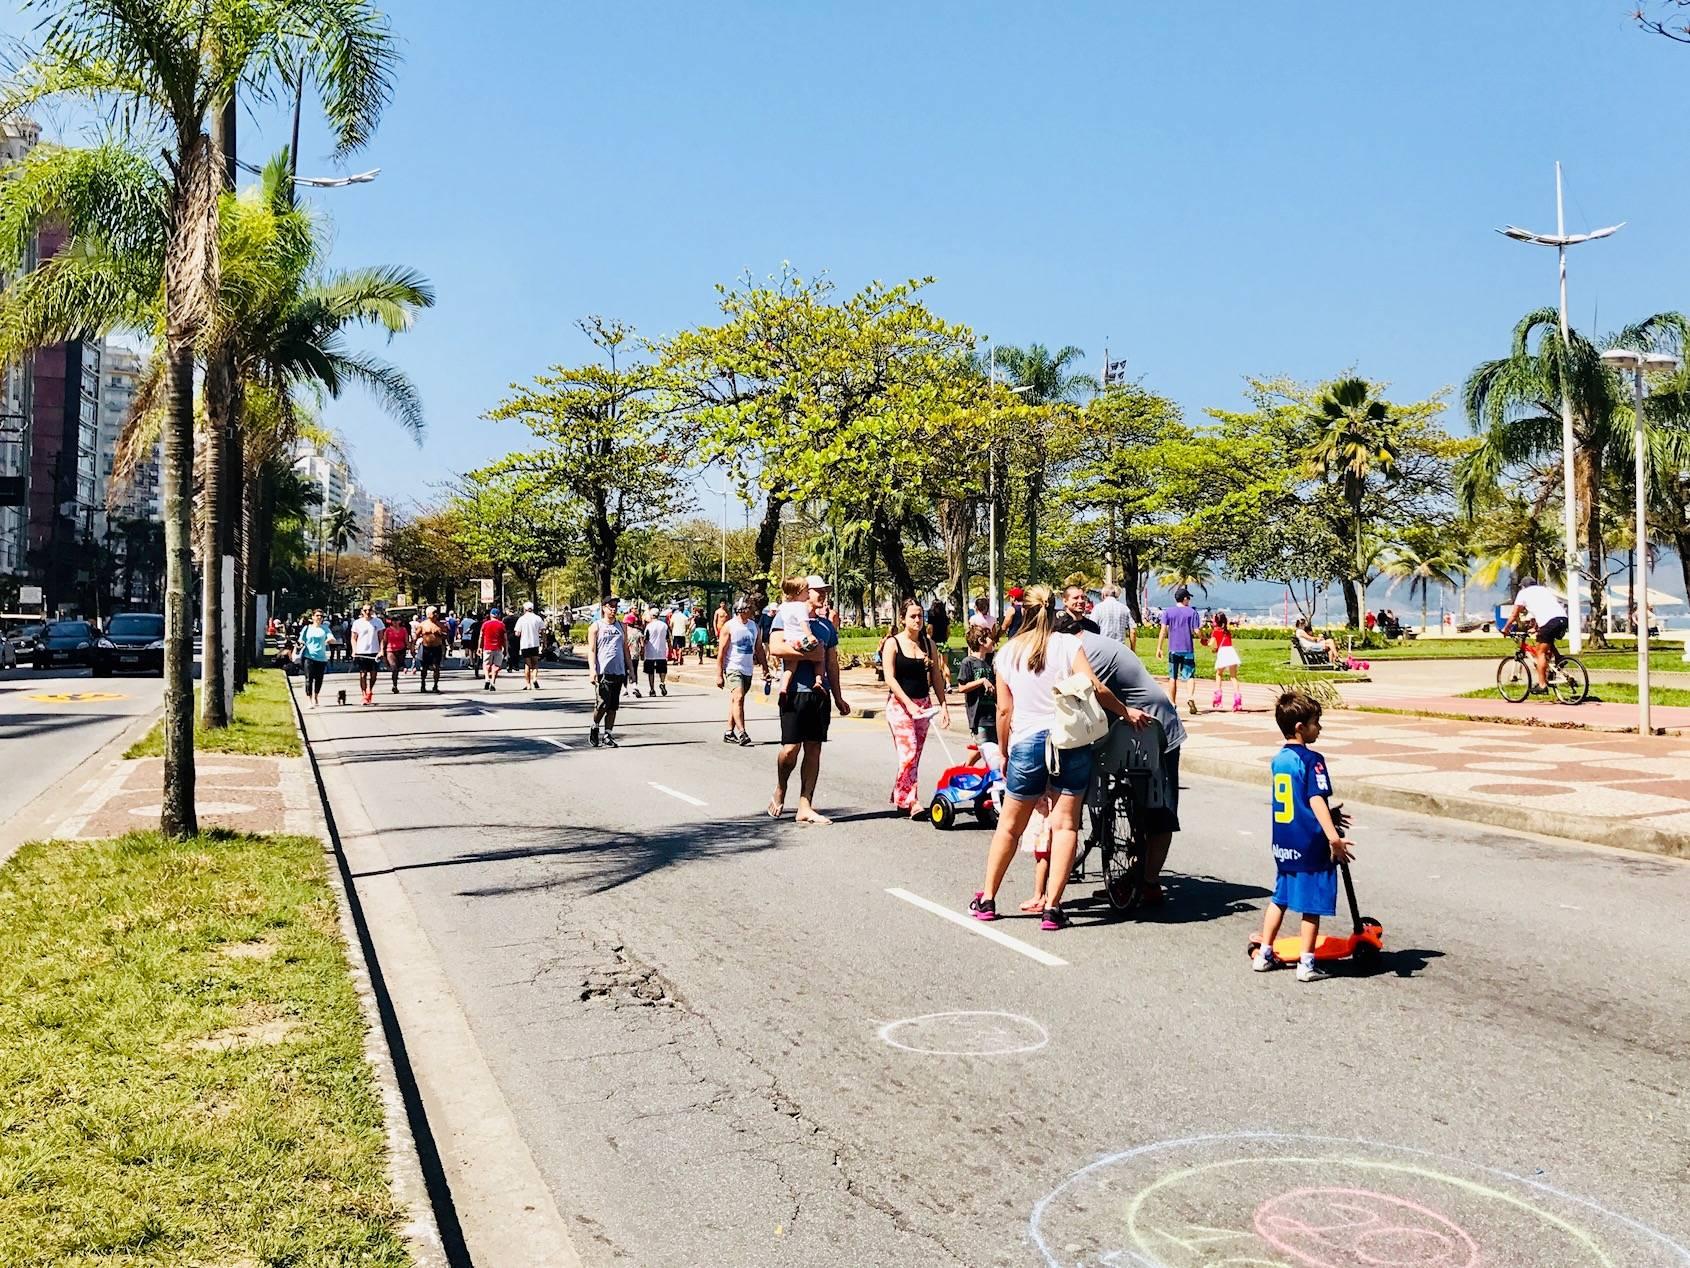 www.juicysantos.com.br - passeios gratuitos com as crianças em santos